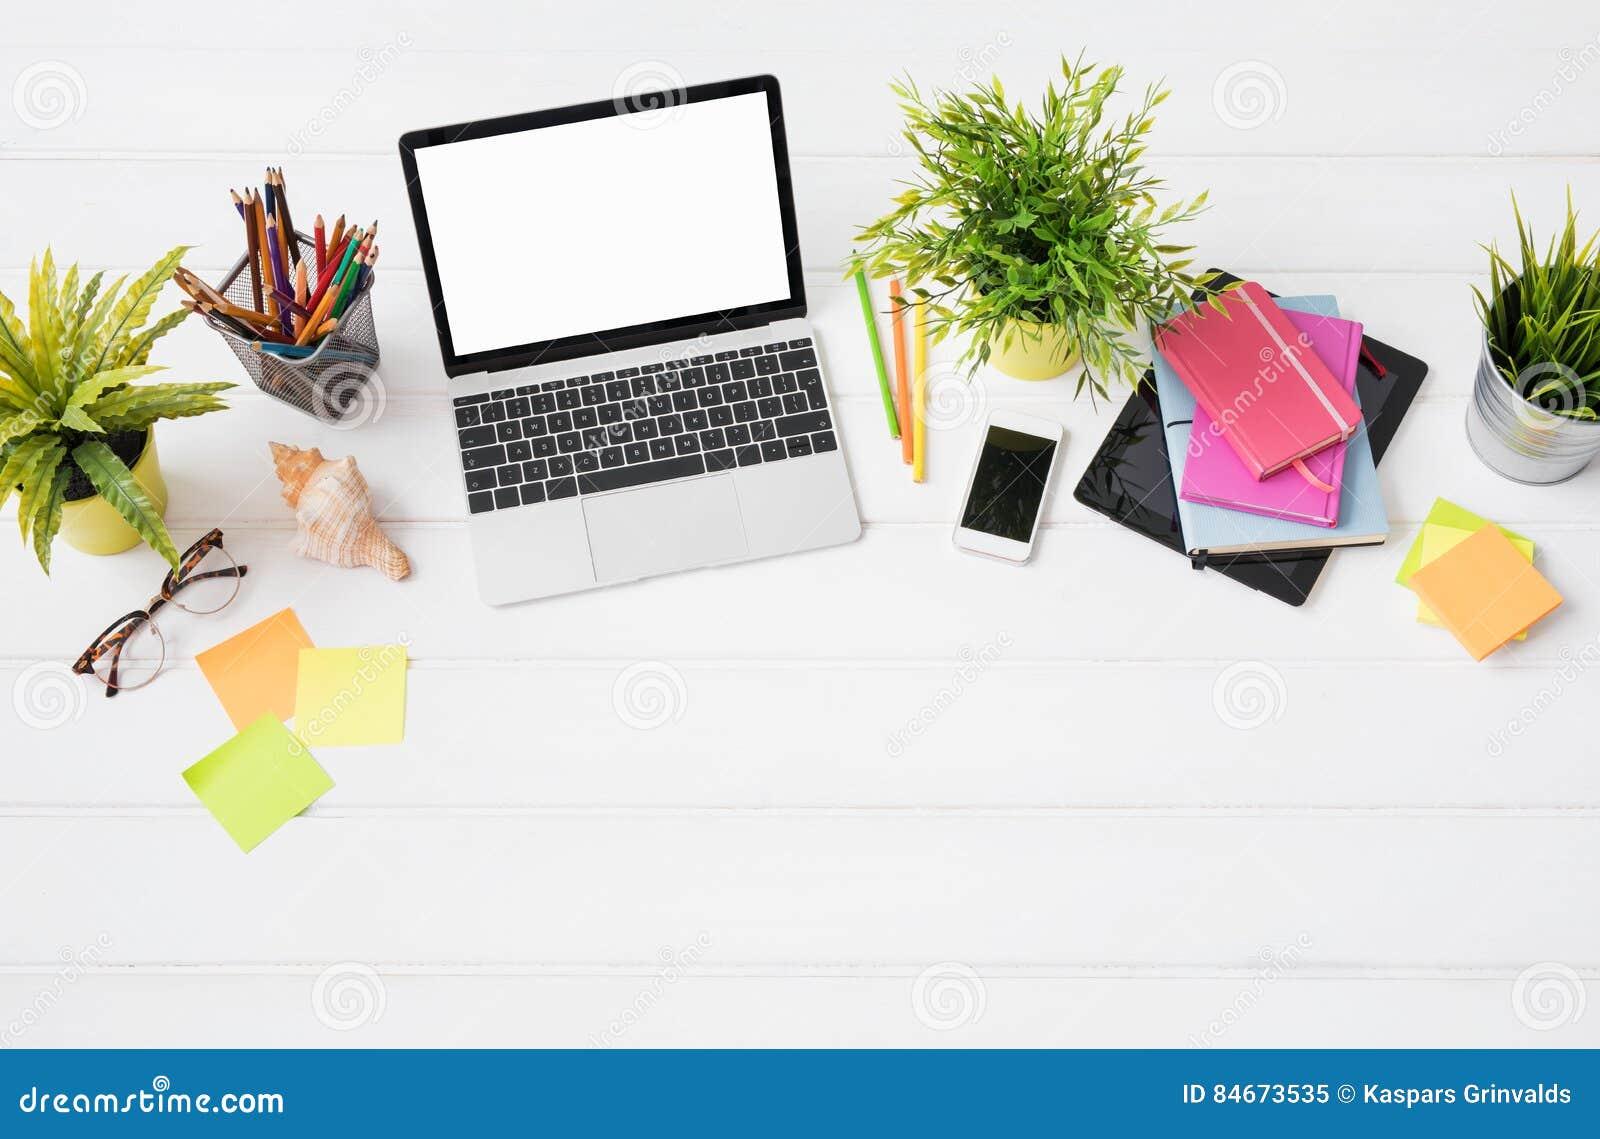 Gemütlich Kreative Werbung Wird Fortgesetzt Ideen - Entry Level ...